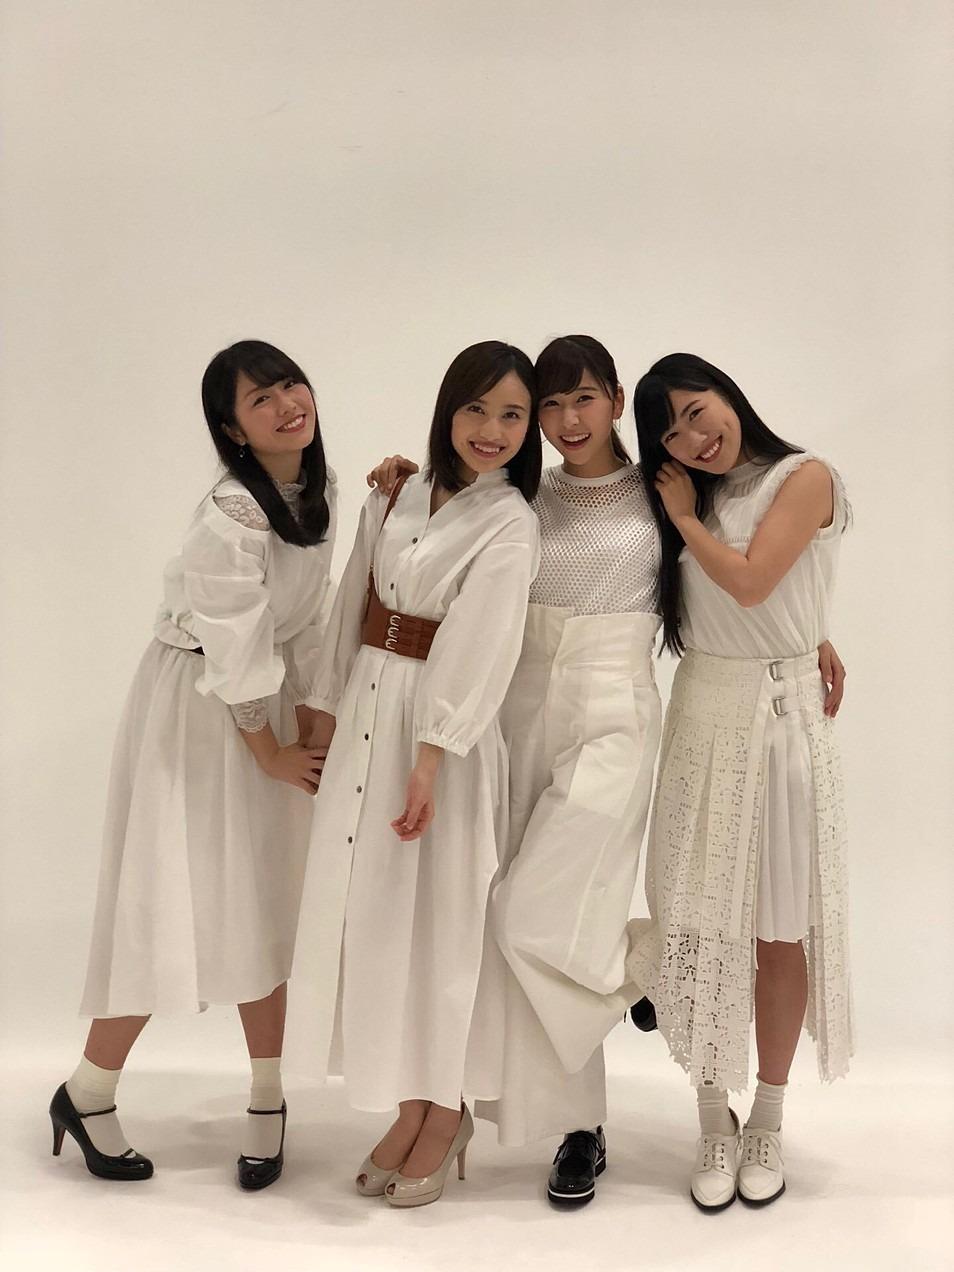 全員白の衣装、高城れに